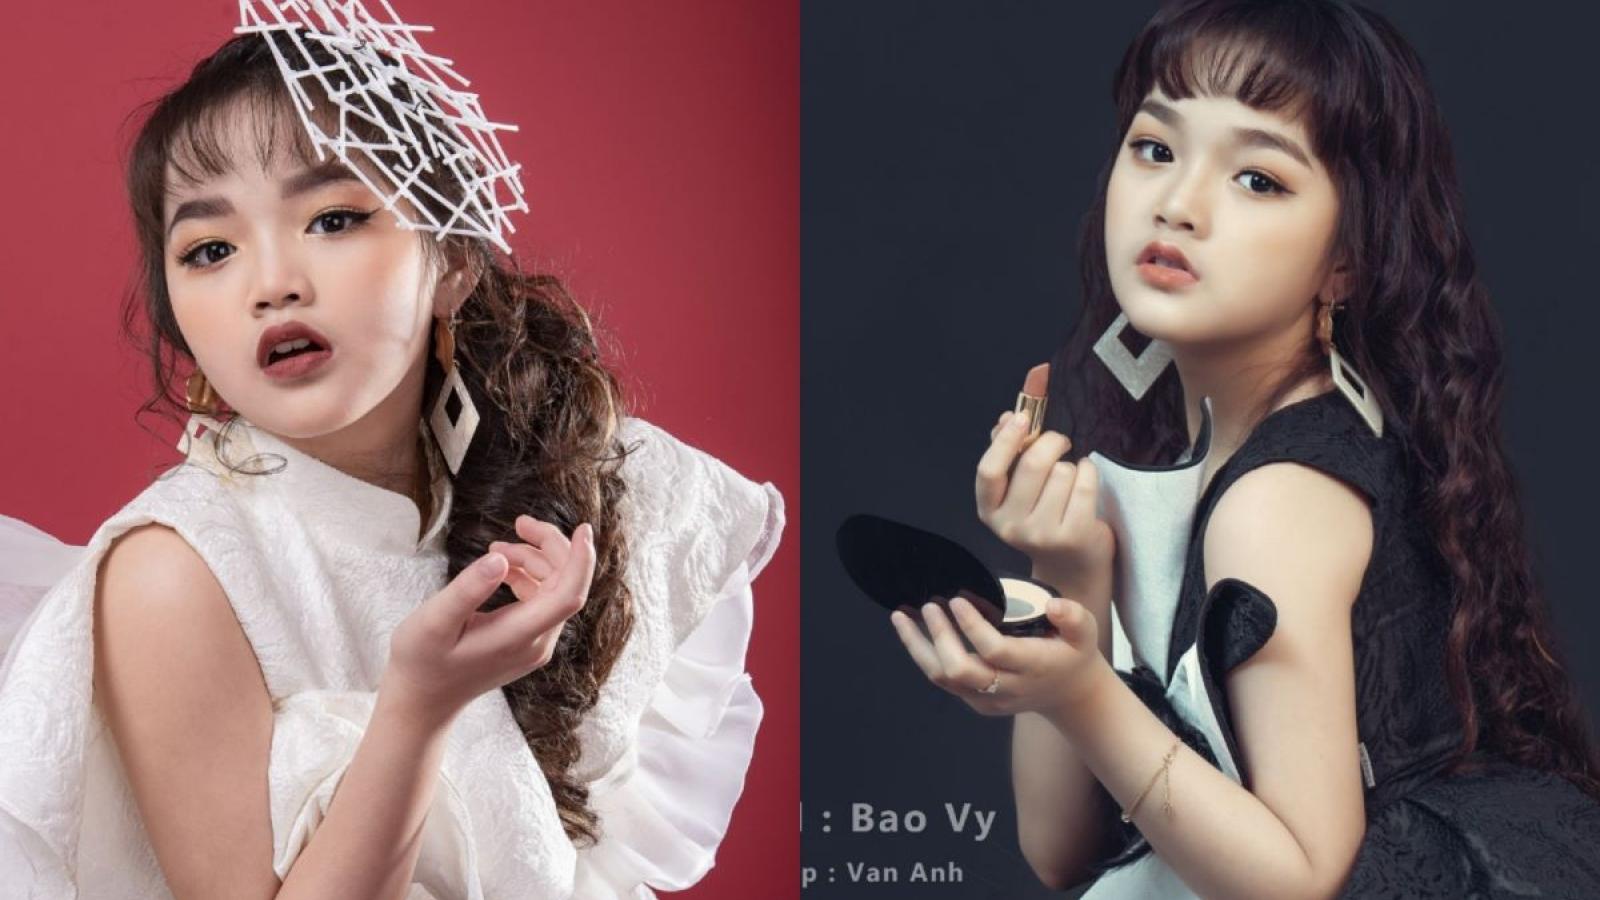 Jenny Bảo Vy - Tiểu thiên sứ của Super Idol Kids VN hỗ trợ người dân chống Covid-19